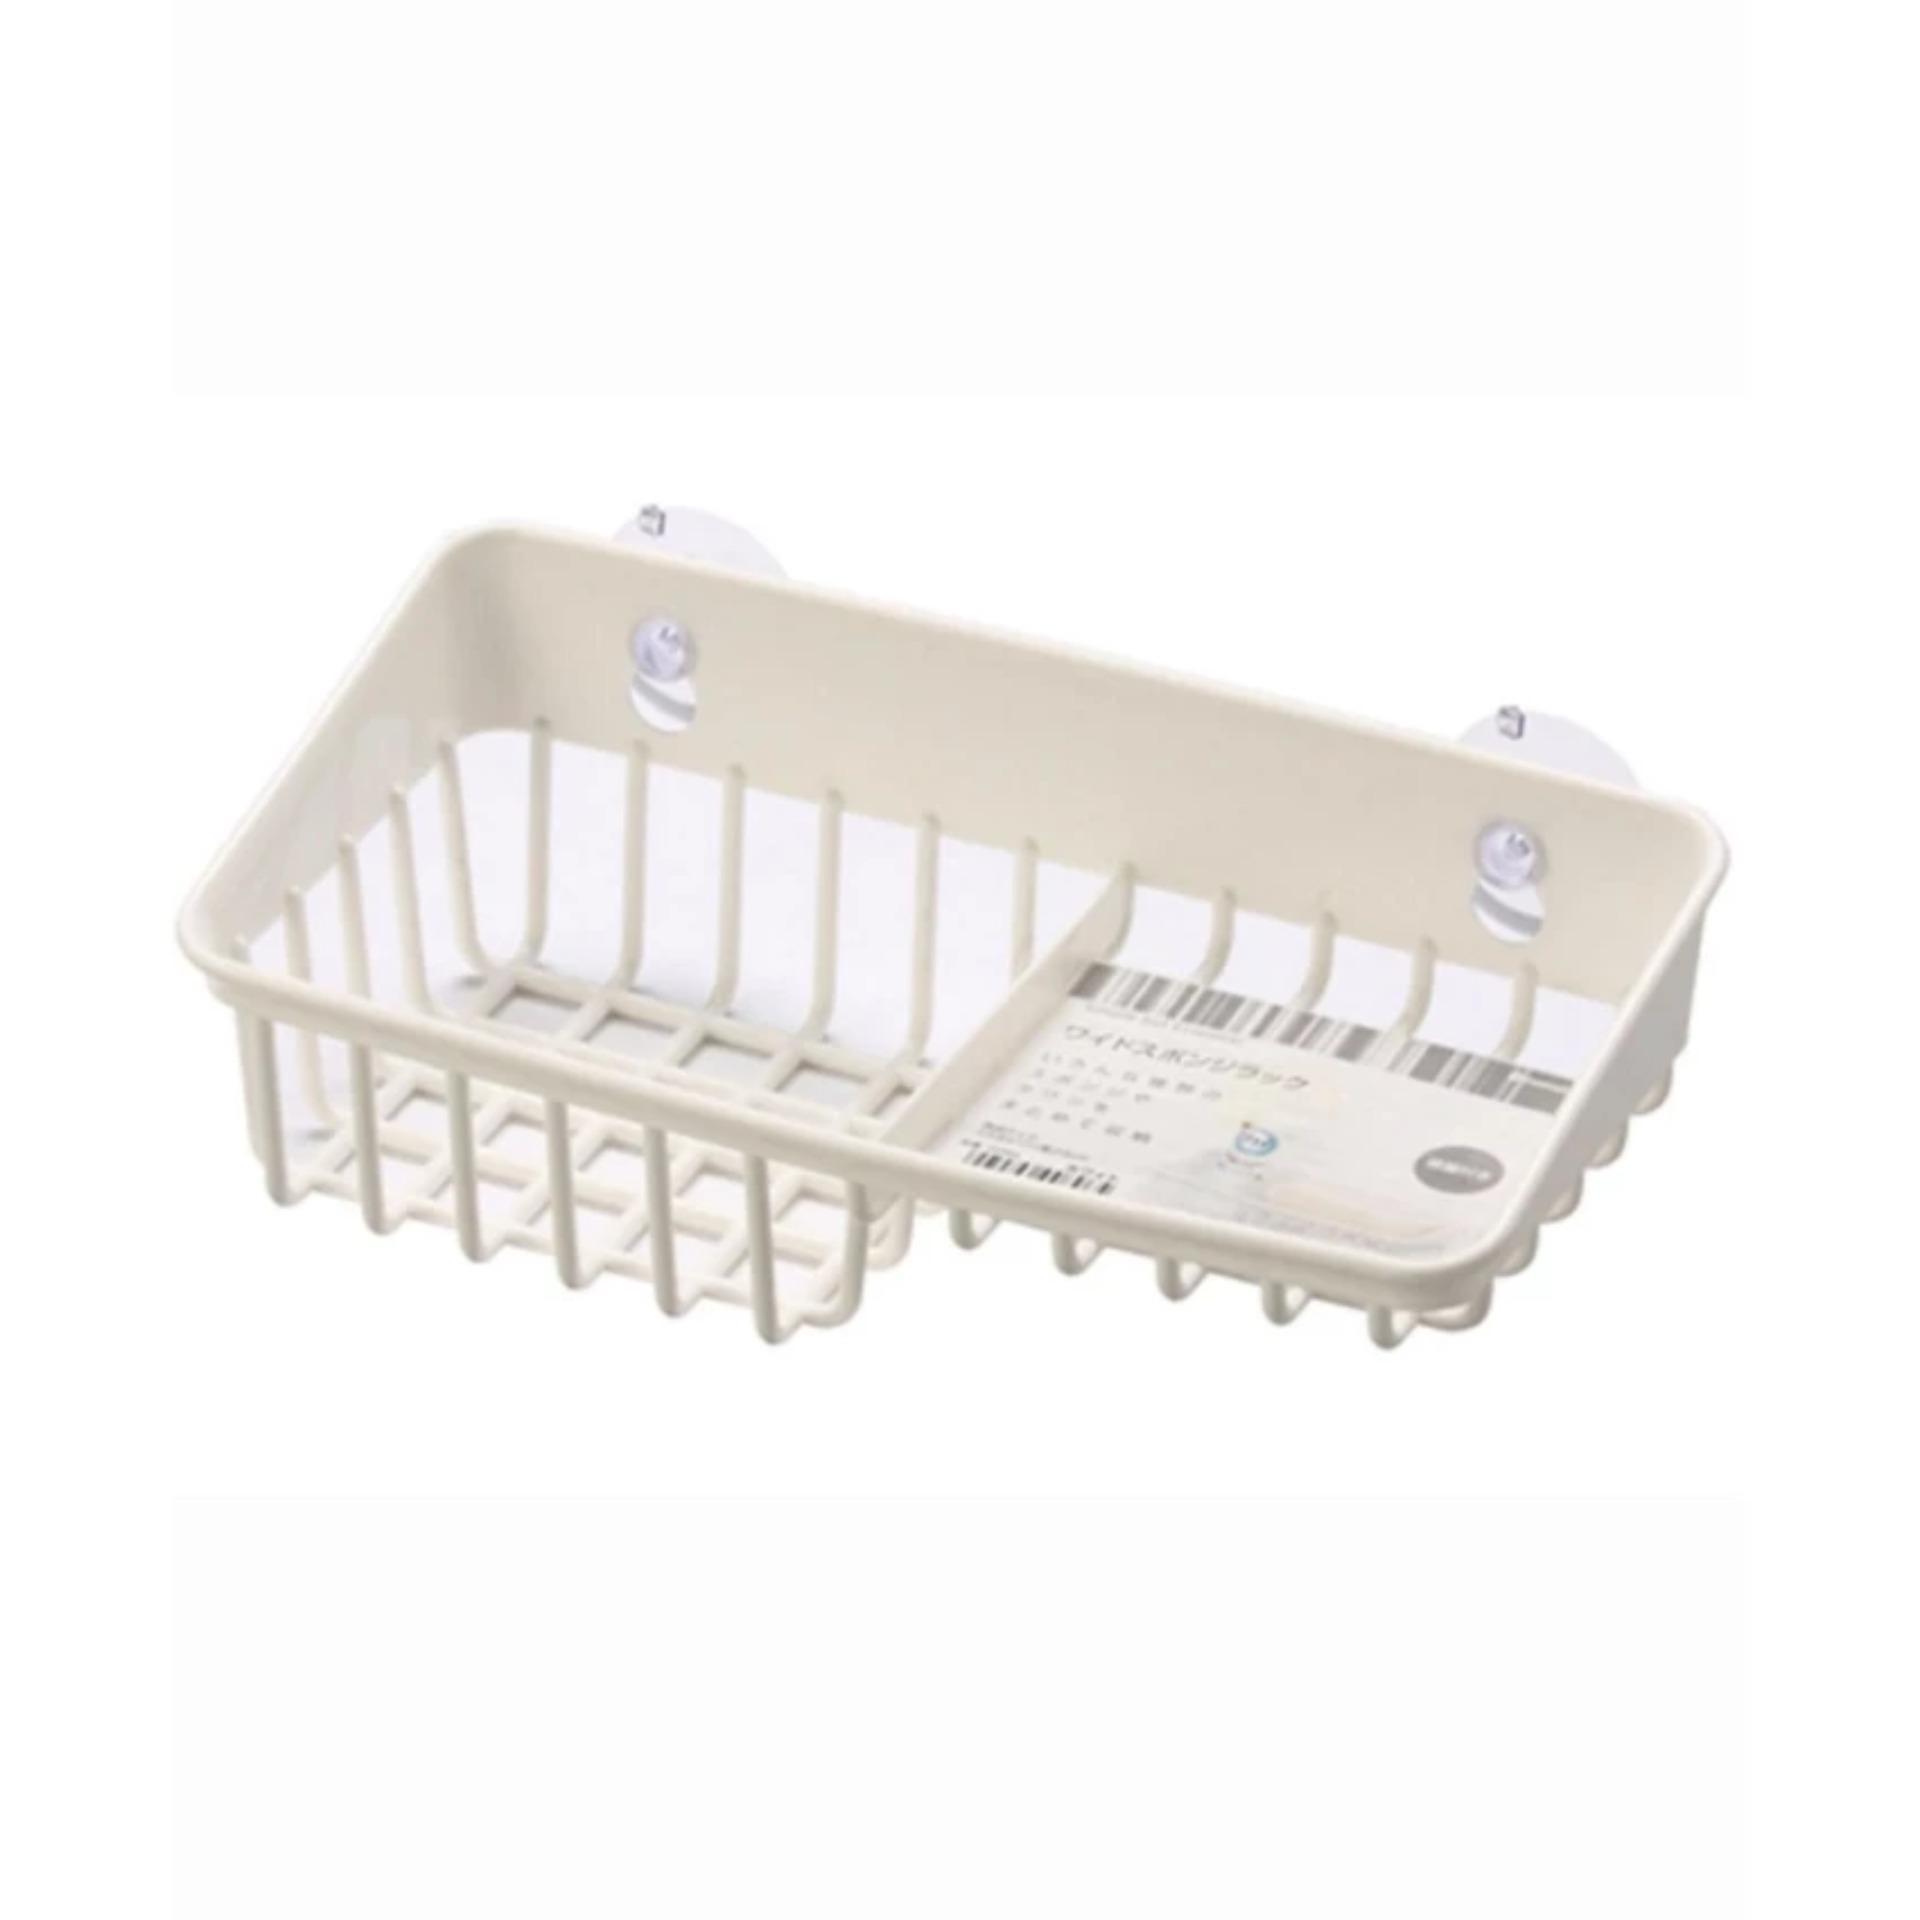 Giá để giẻ rửa bát 2 ngăn dạng lưới màu trắng Inomata – Hàng nhập khẩu Nhật Bản